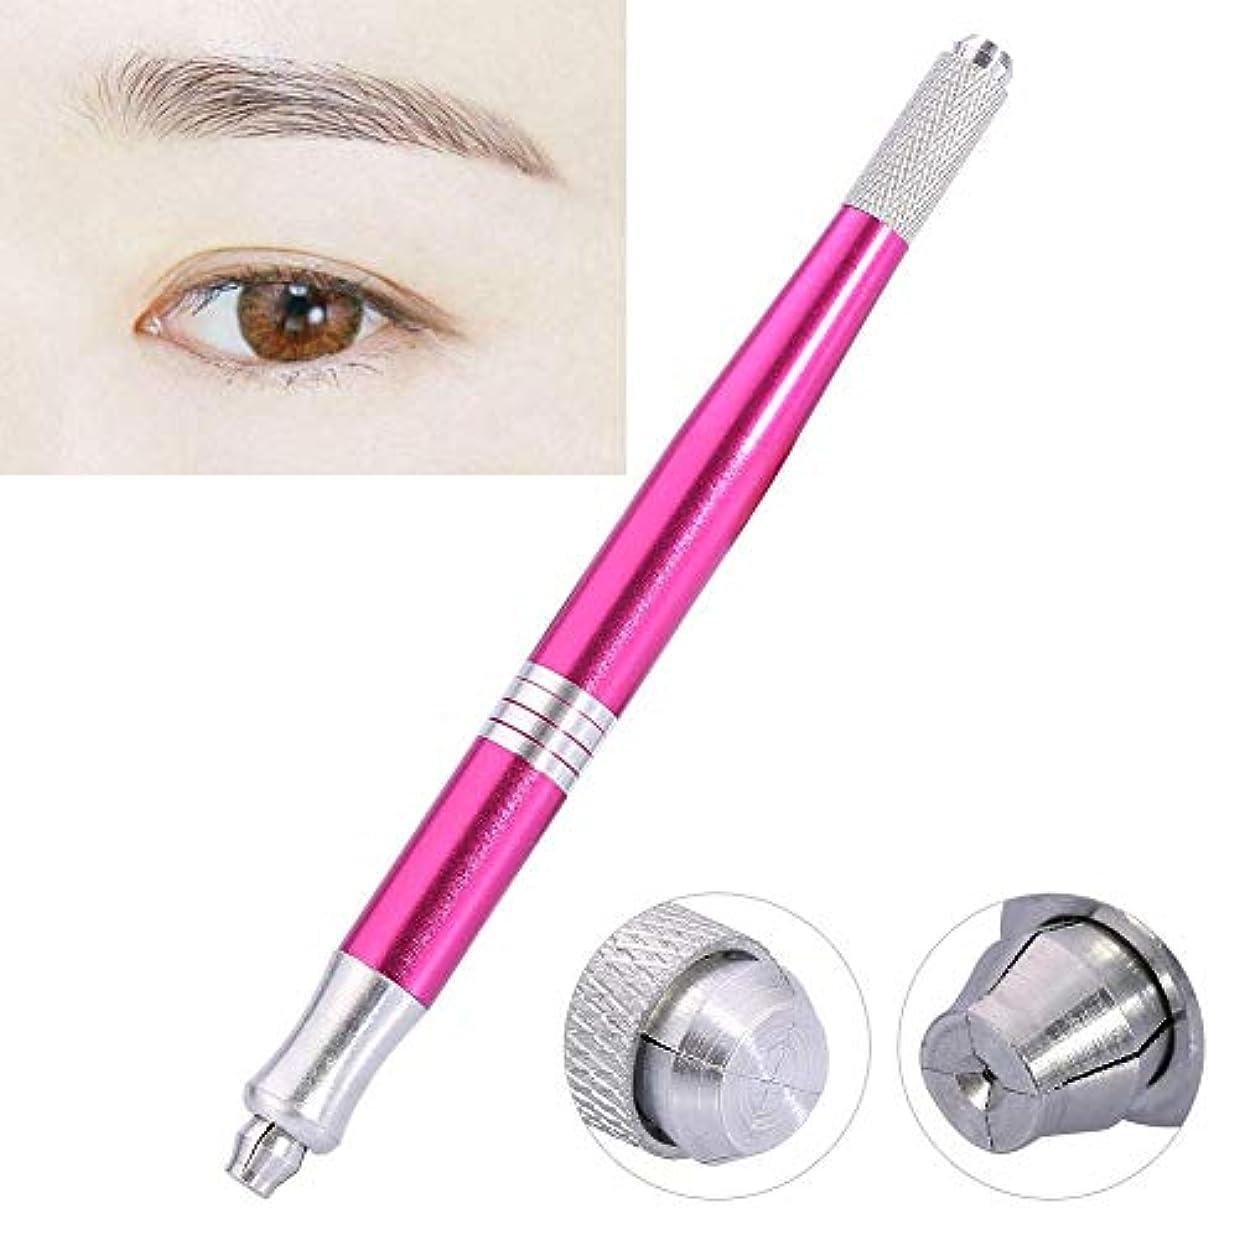 バーマドお気に入りジャーナルタトゥーペン - 眉毛タトゥーペンマニュアルマイクロブレードペンアイライナーリップ、手刺繍アイブロウペンシル - ウォーターフォグの眉毛を作成します